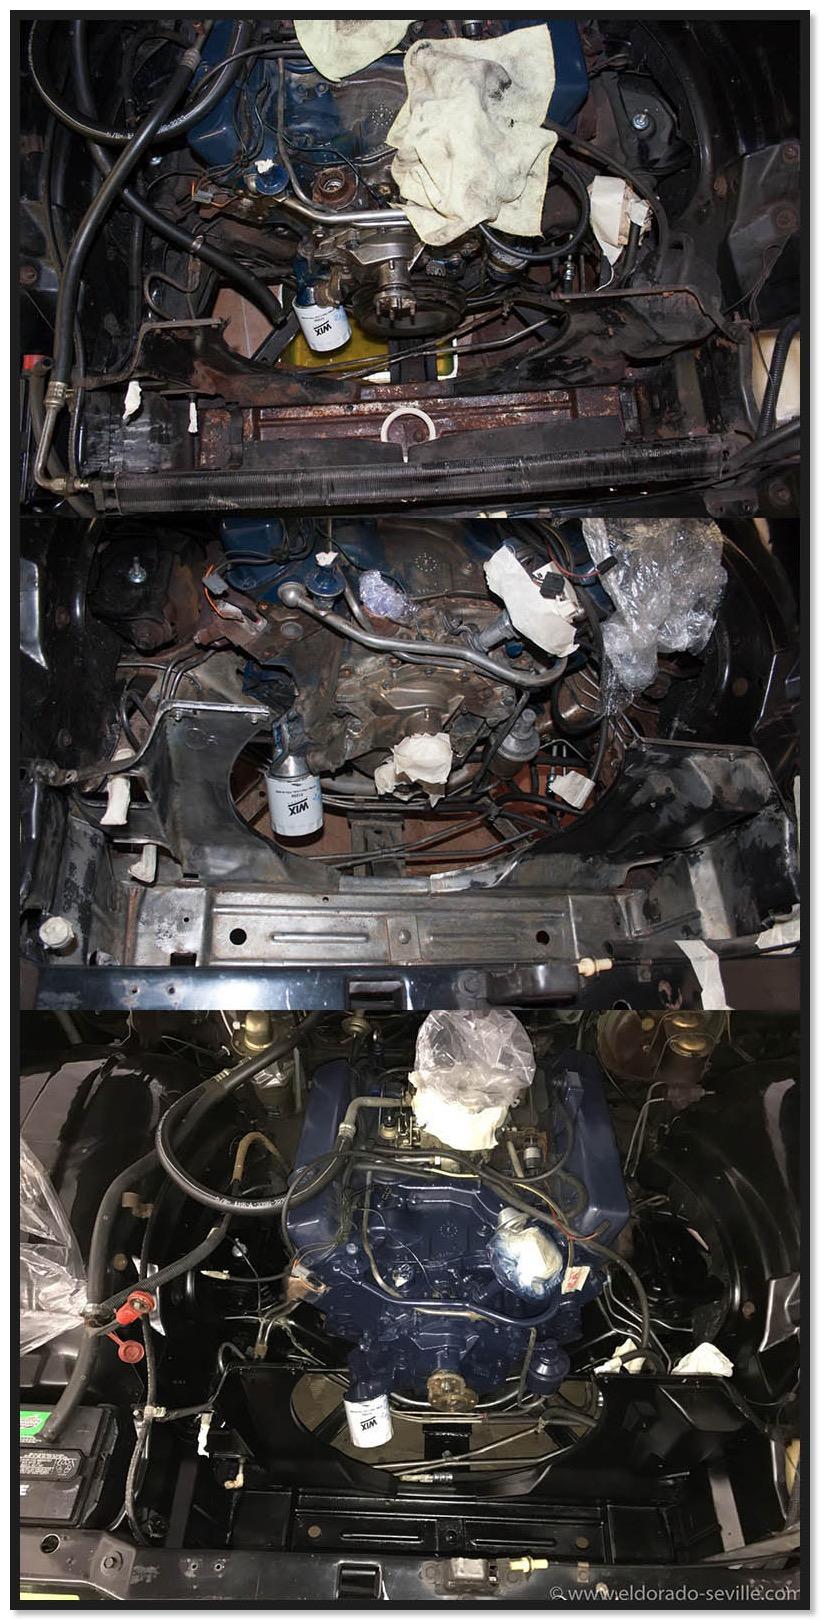 1974 Cadillac Coupe deVille | Geralds 1958 Cadillac Eldorado